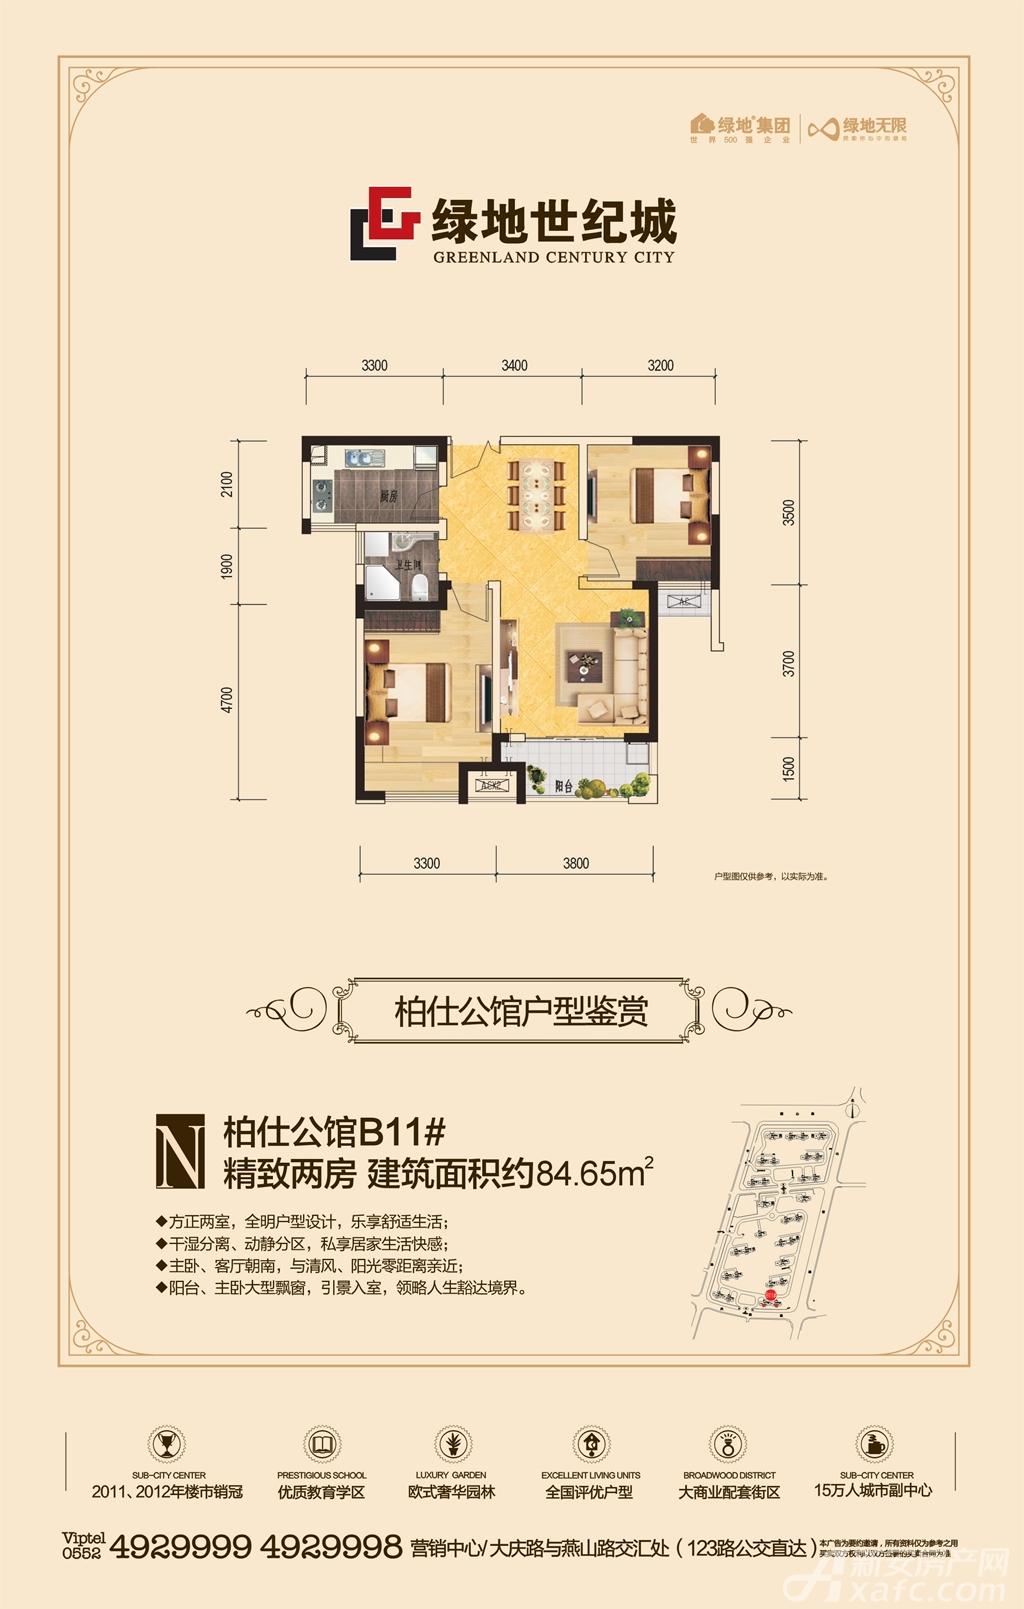 绿地世纪城绿地世纪城OB11#楼N户型2室2厅84.65平米